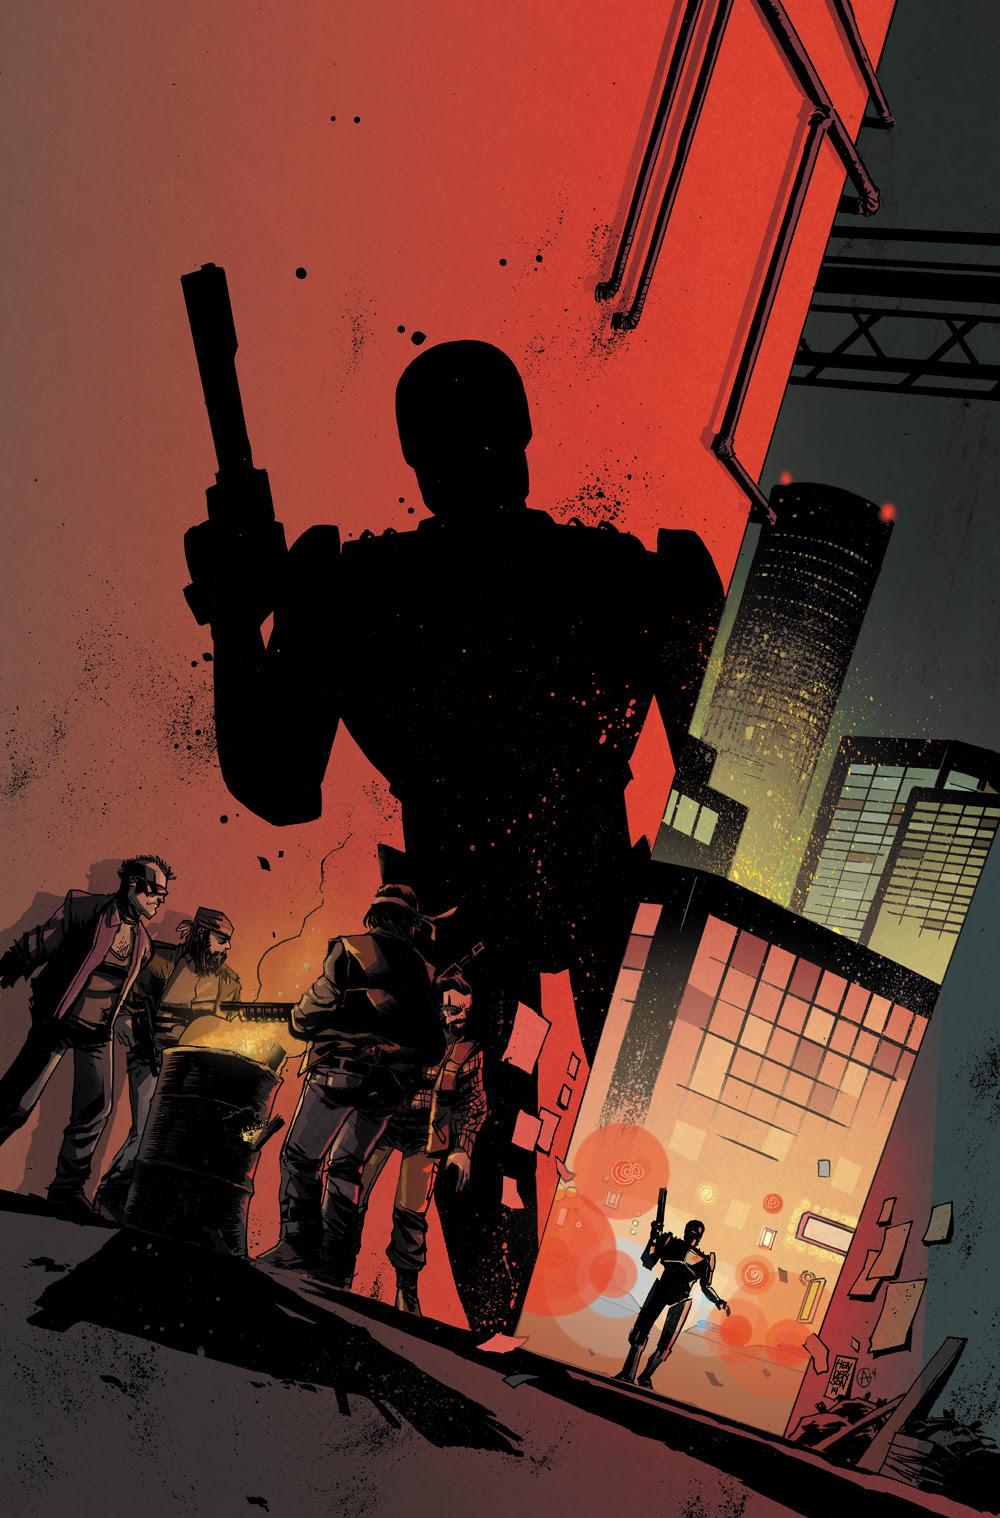 RoboCop #1 BCC Exclusive